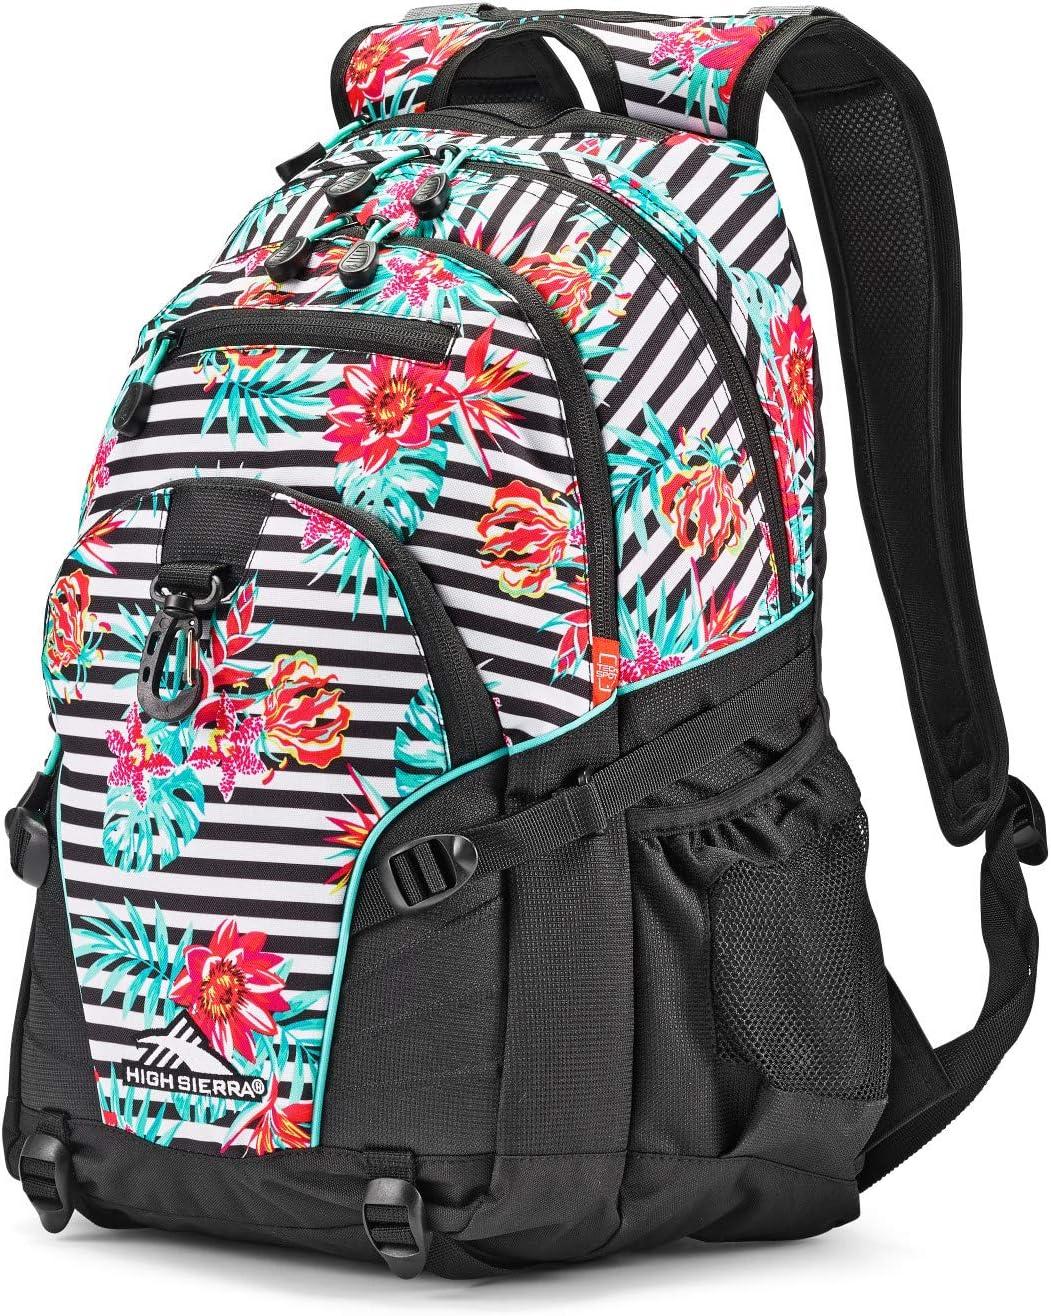 High Sierra Loop-Backpack, School, Travel, or Work Bookbag with tablet-sleeve, Tropical Stripe/Black/Aquamarine, One Size